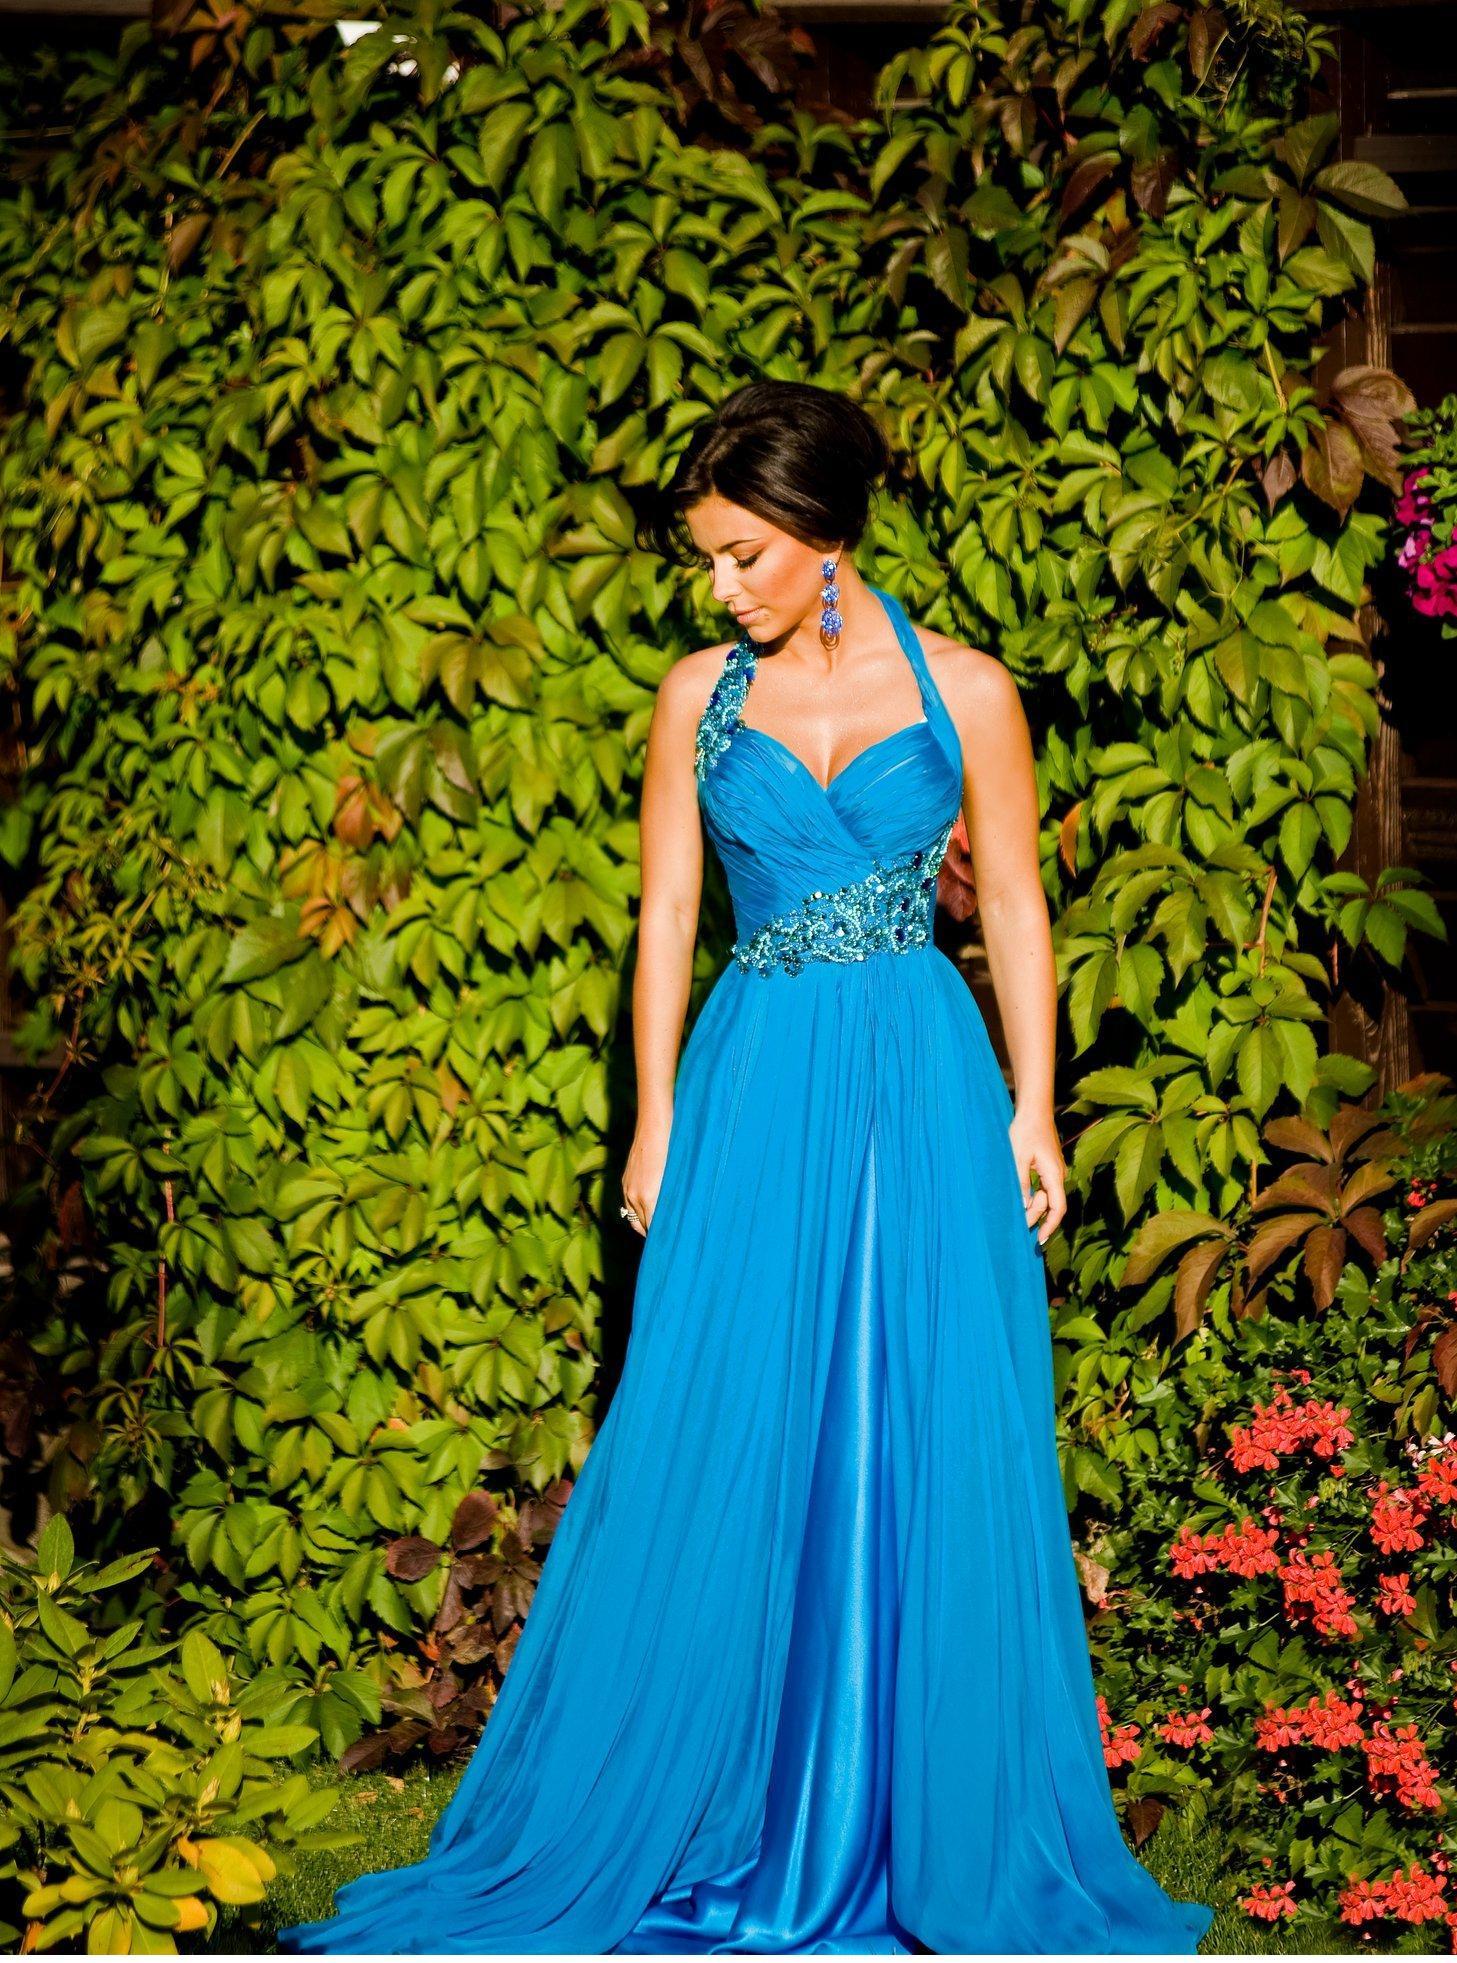 Фото ани лорак в вечерних платьях